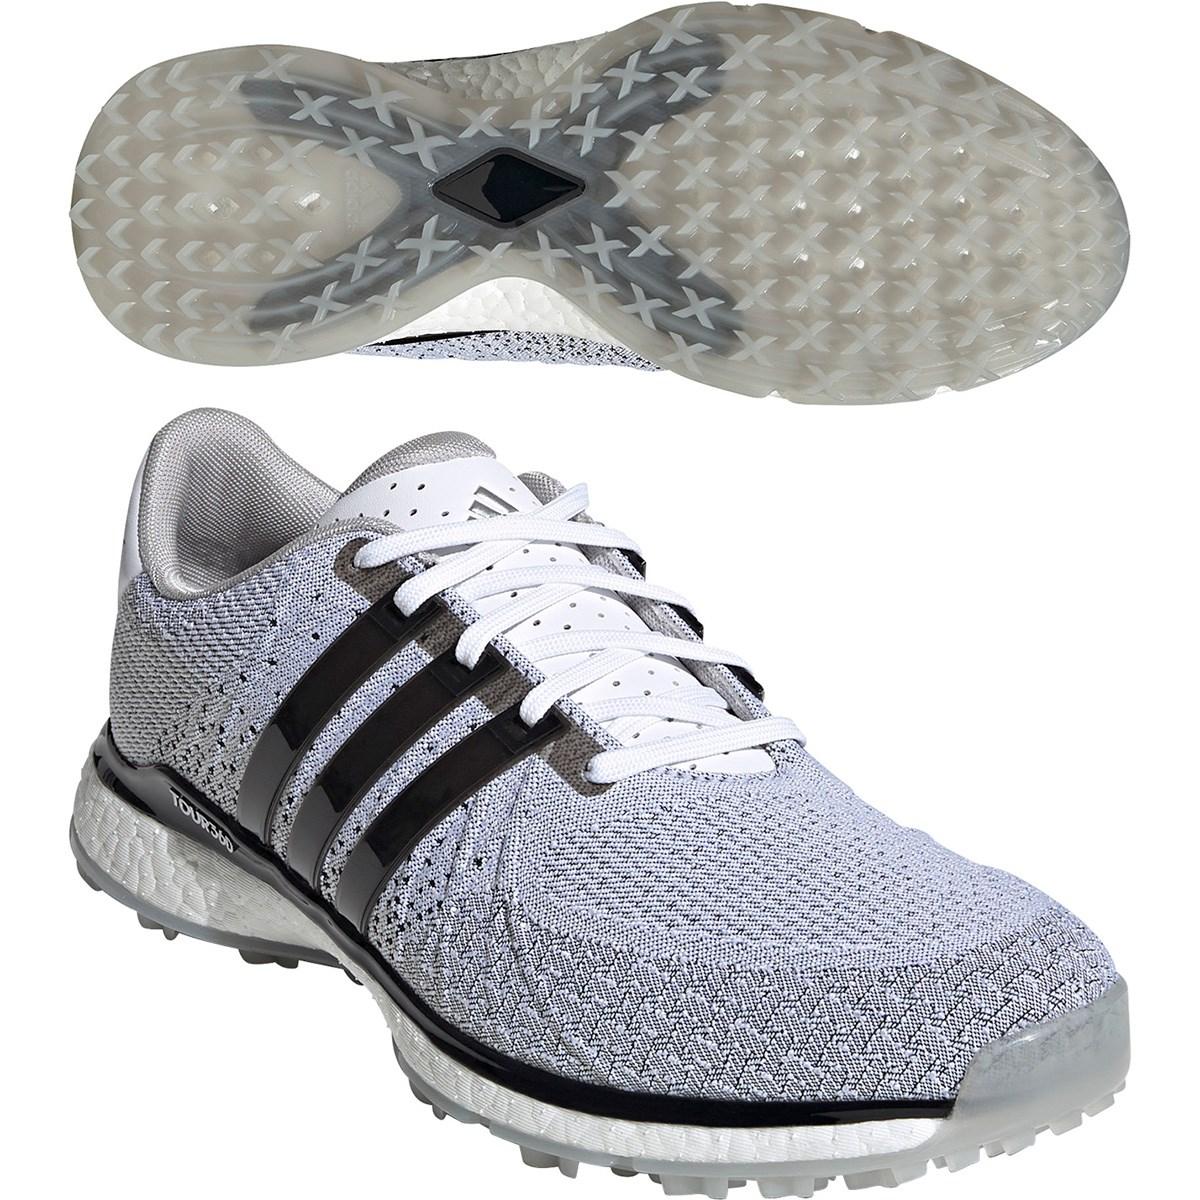 アディダス Adidas ツアー360 XT-SL テキスタイル シューズ 25cm ホワイト/コアブラック/グレートゥー